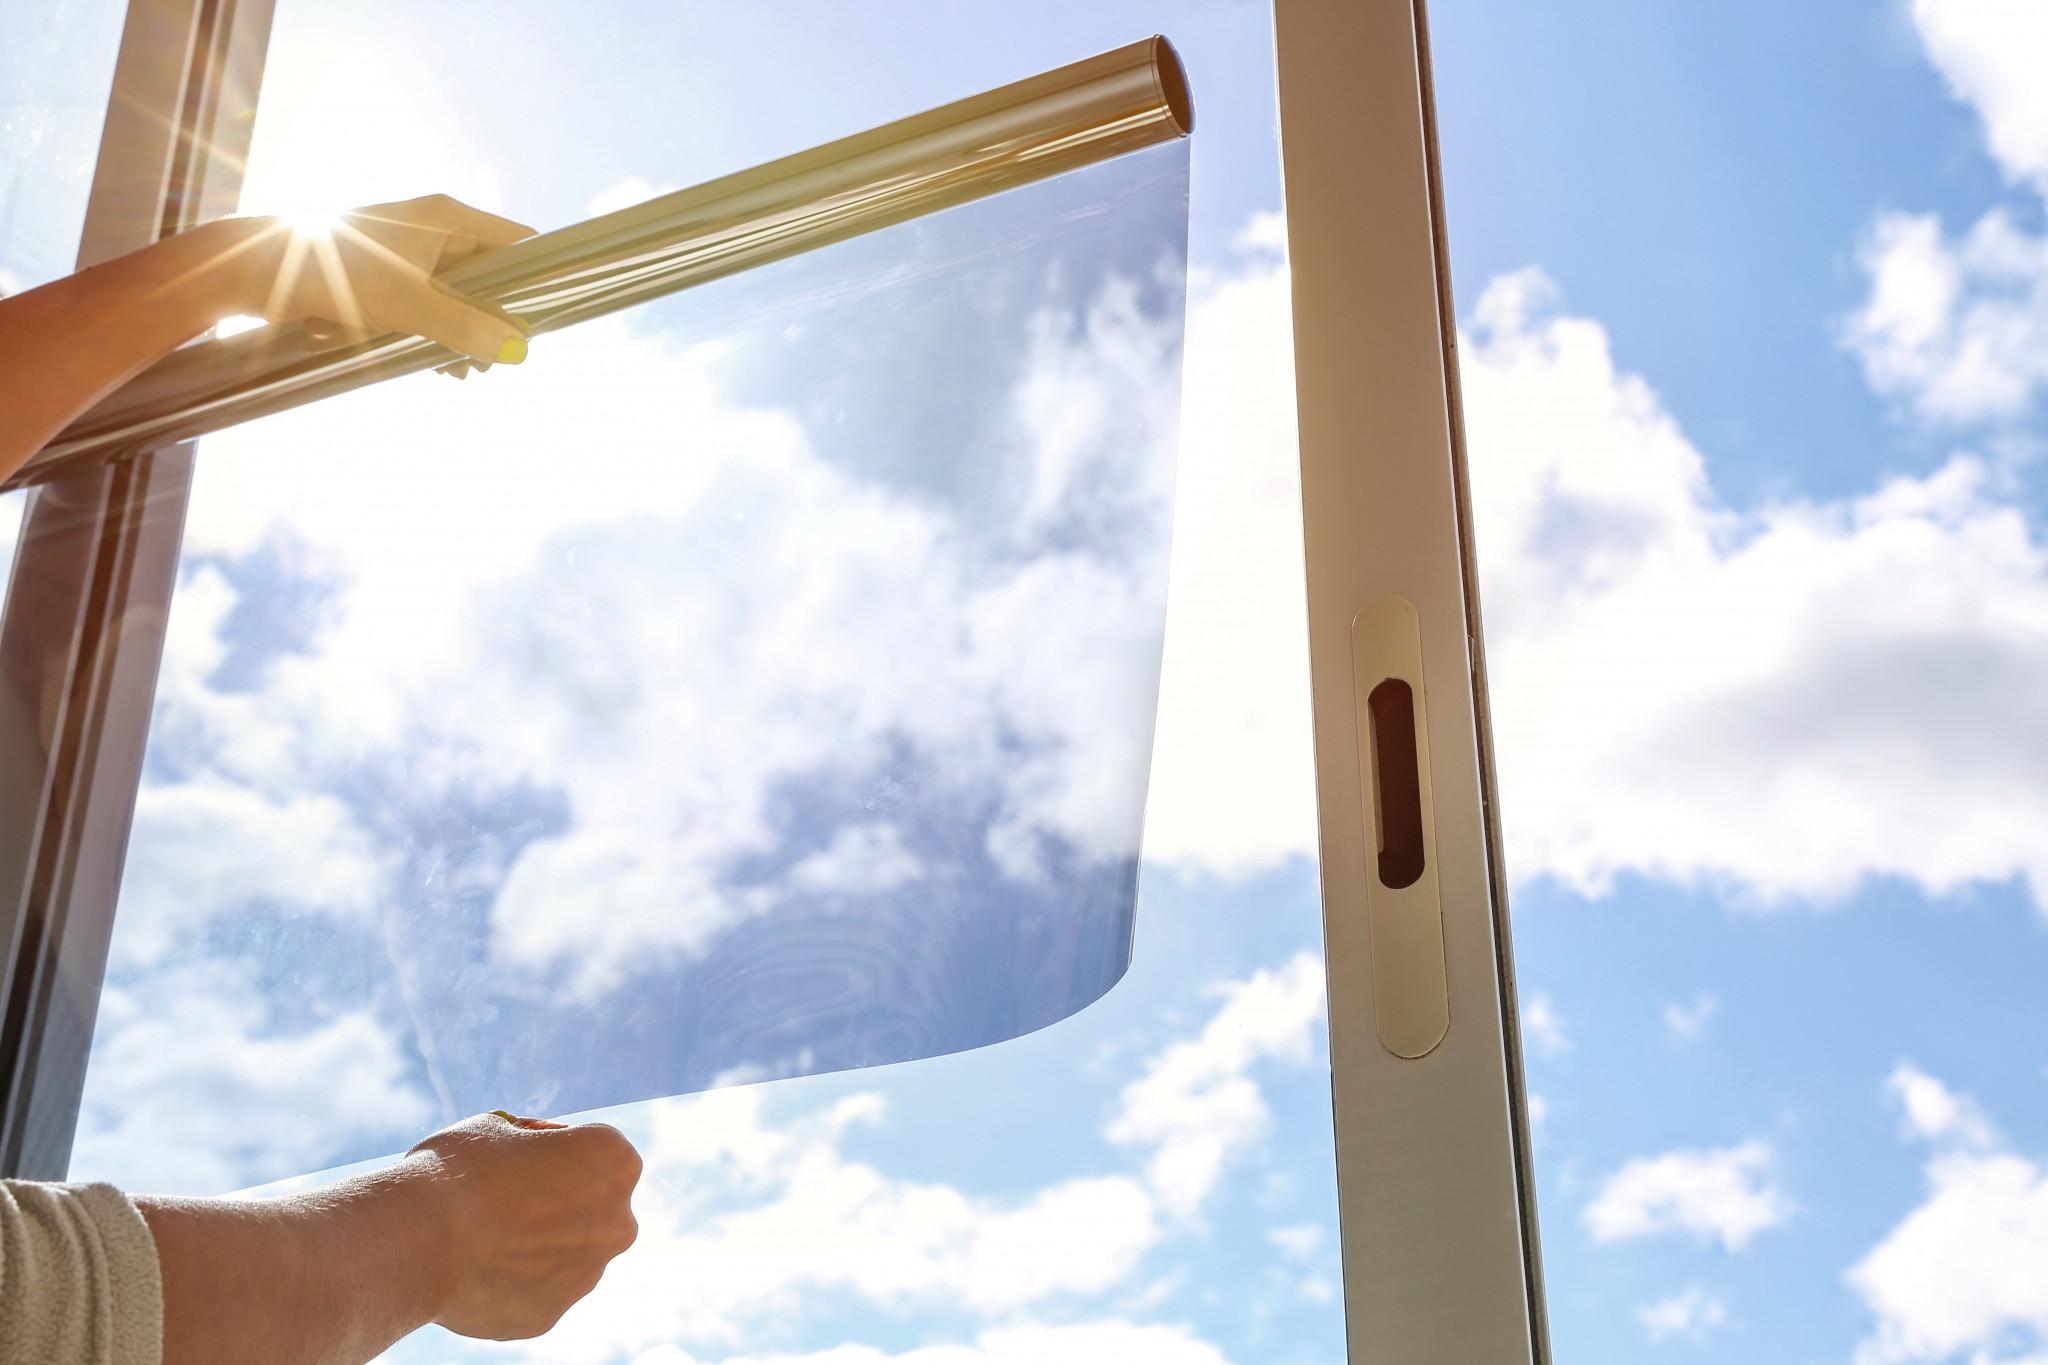 Folie protectie solară